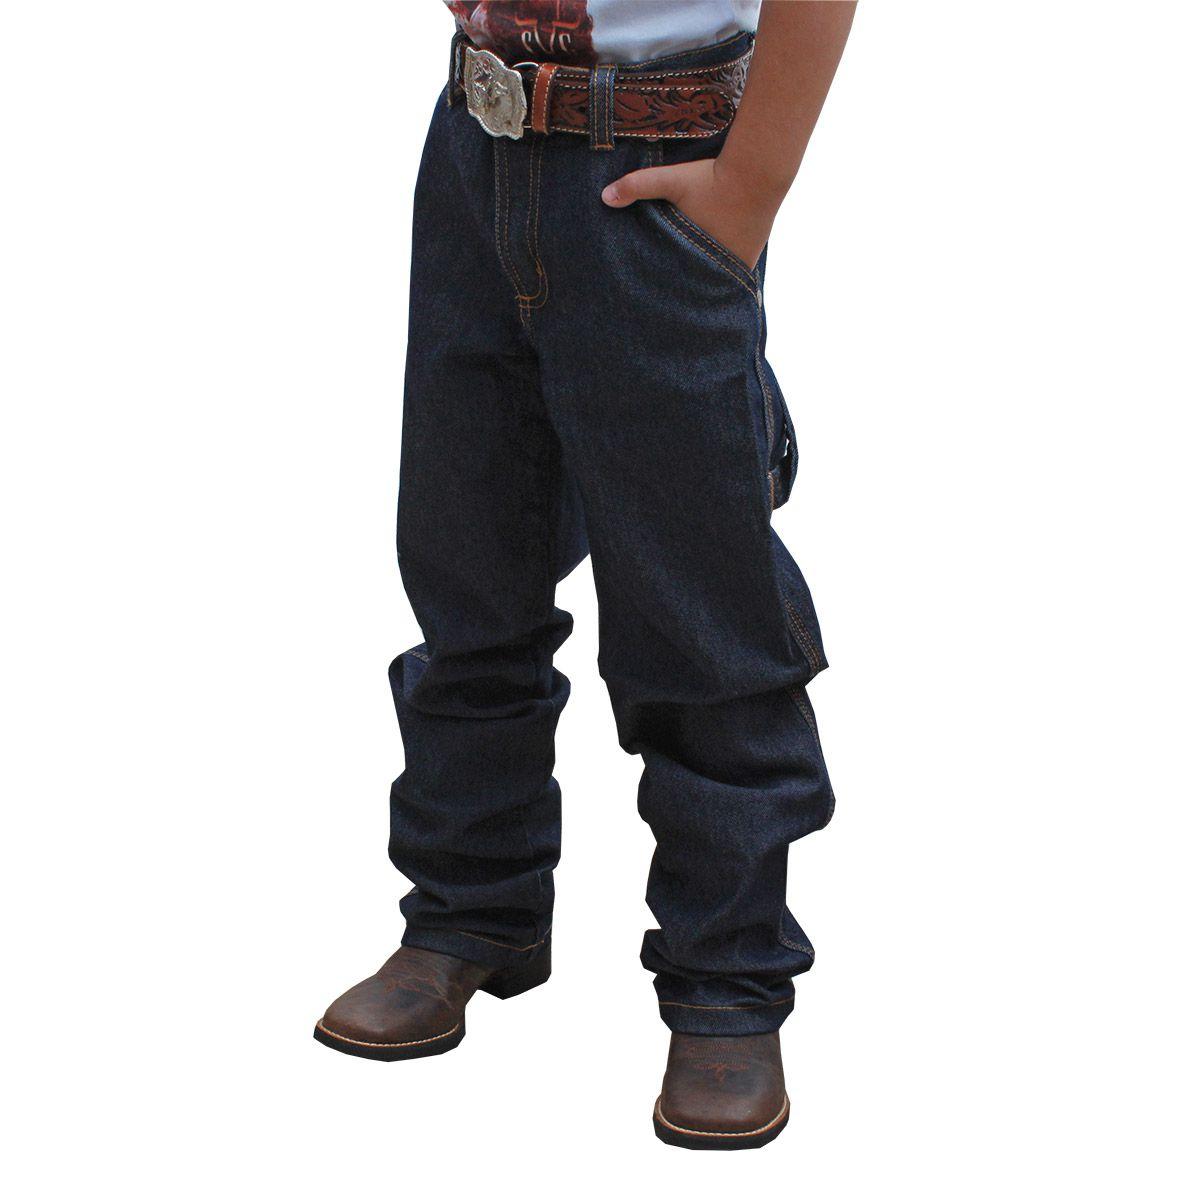 Calça Infantil Os Vaqueiros Carpinteira Amaciada